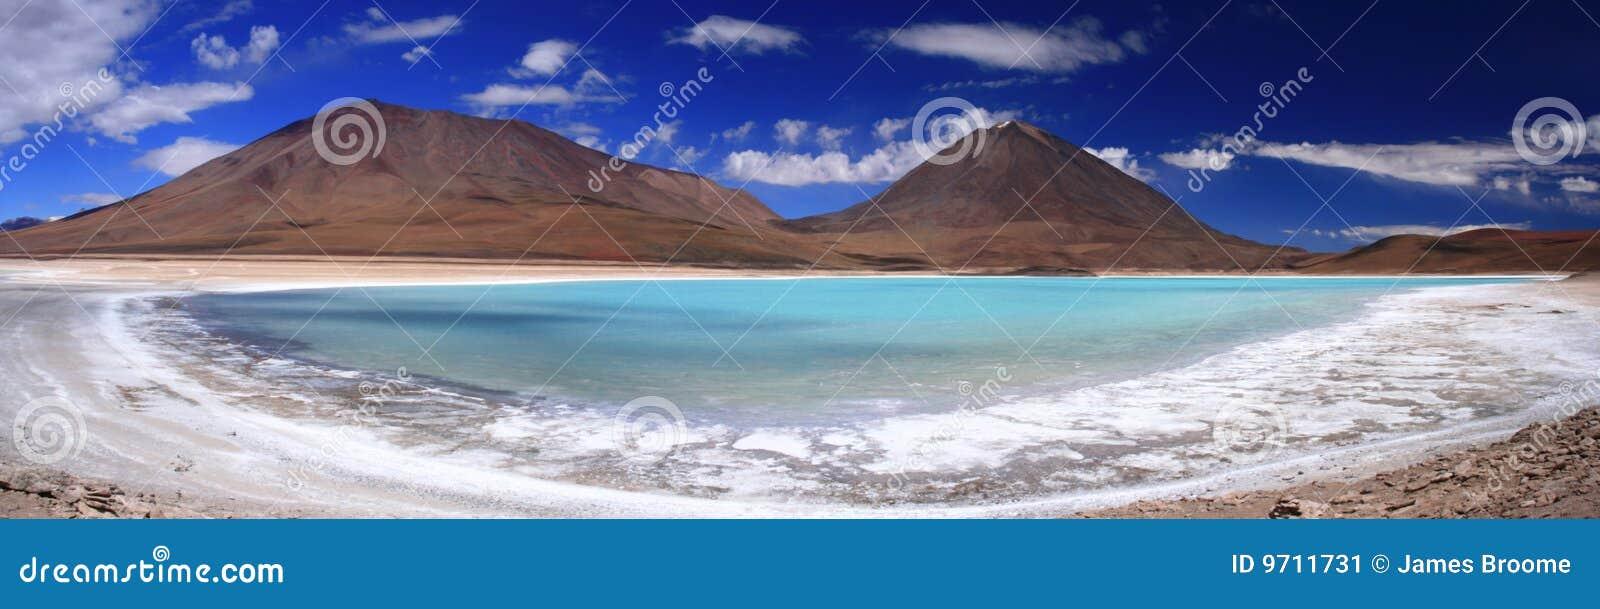 Laguna Verde & Licancabur Volcano Panorama